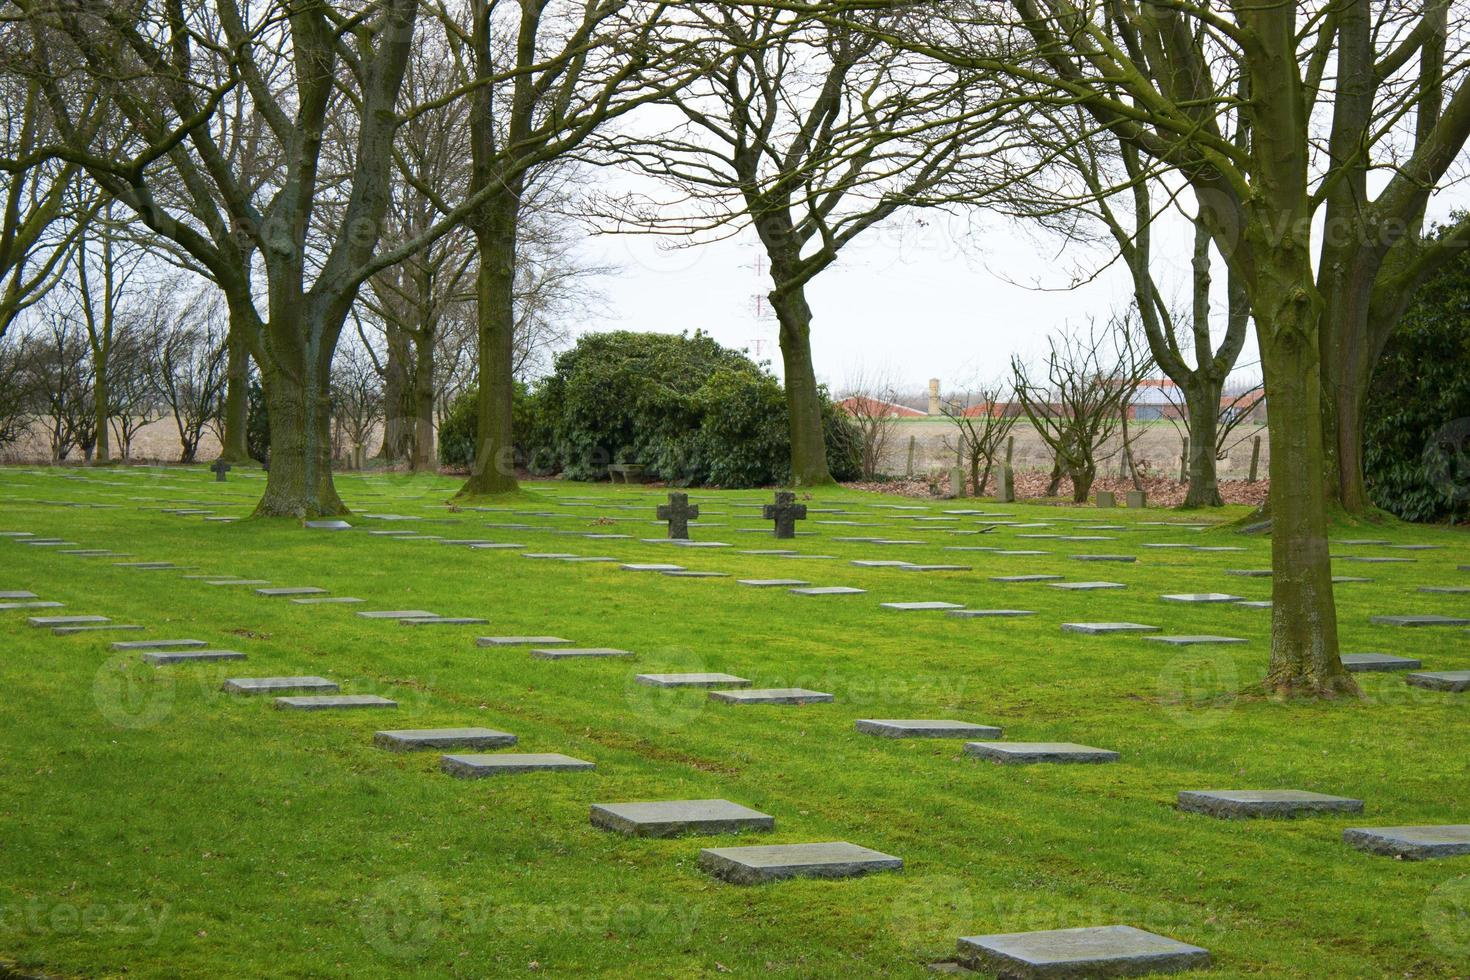 duitse grote wereldoorlog 1 vlaanderen velden belgische begraafplaats foto